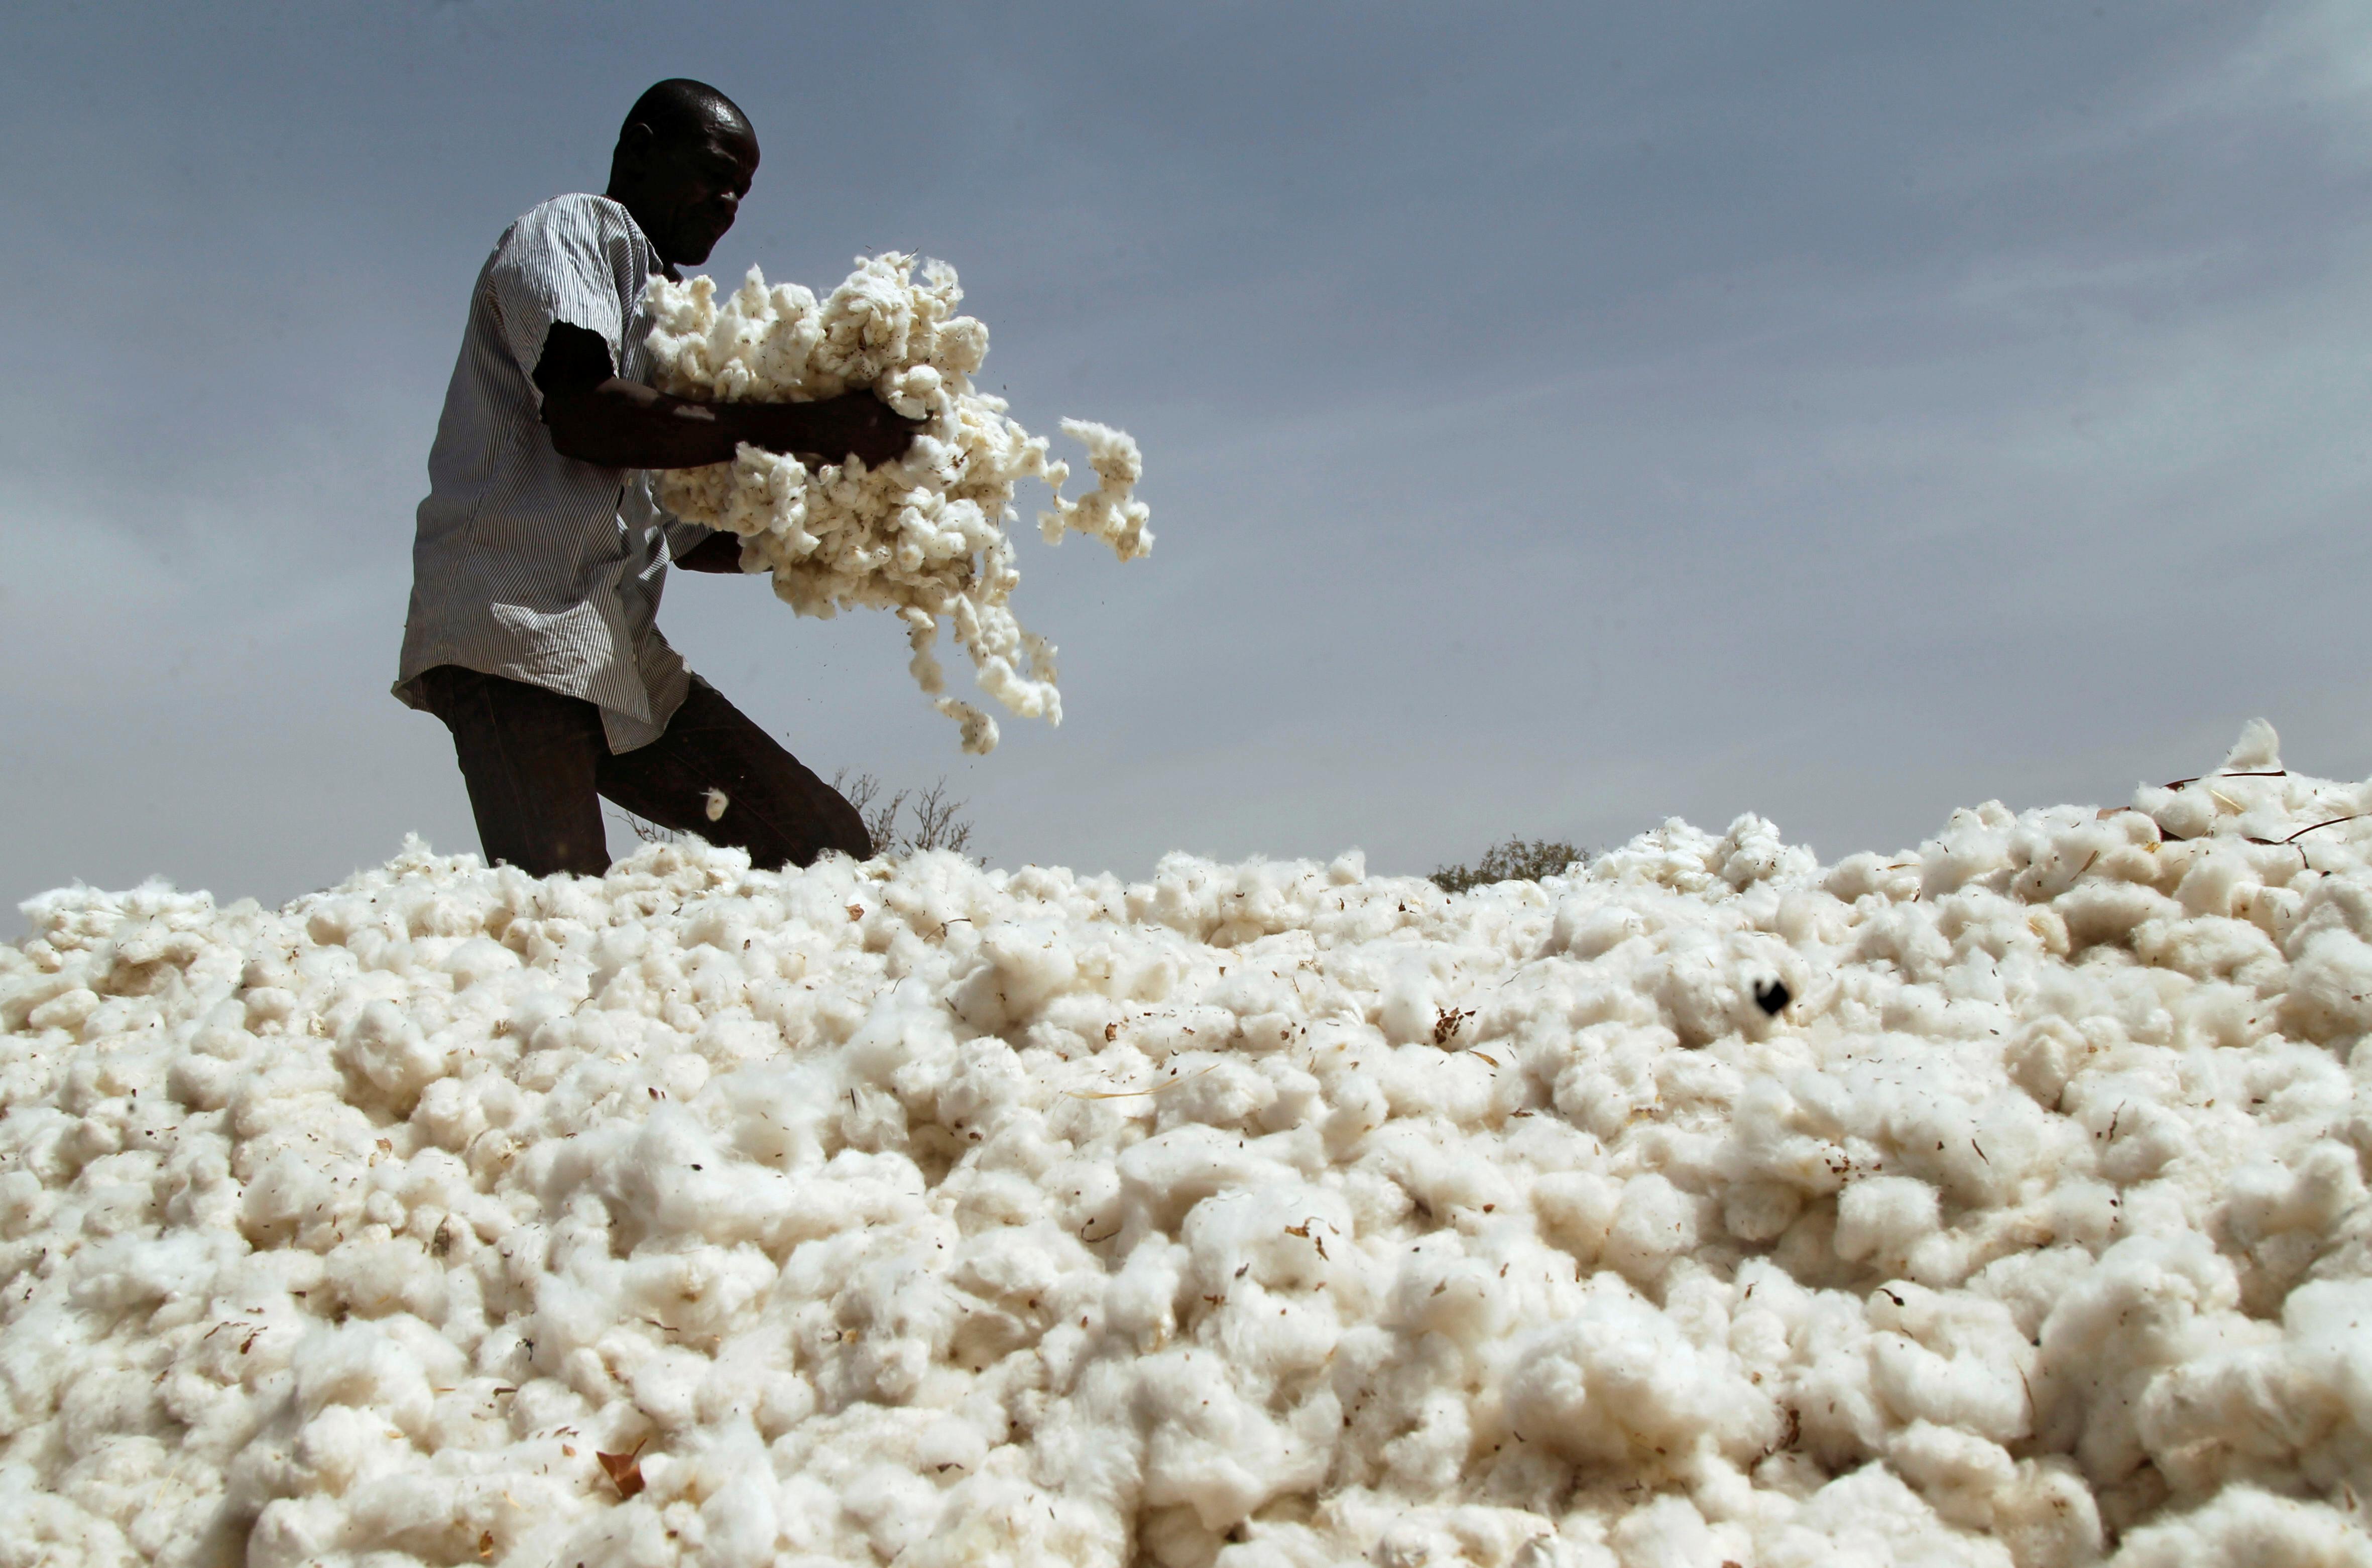 A farmer works in a cotton field in Kongolekan village near Bobo-Dioulasso, Burkina Faso